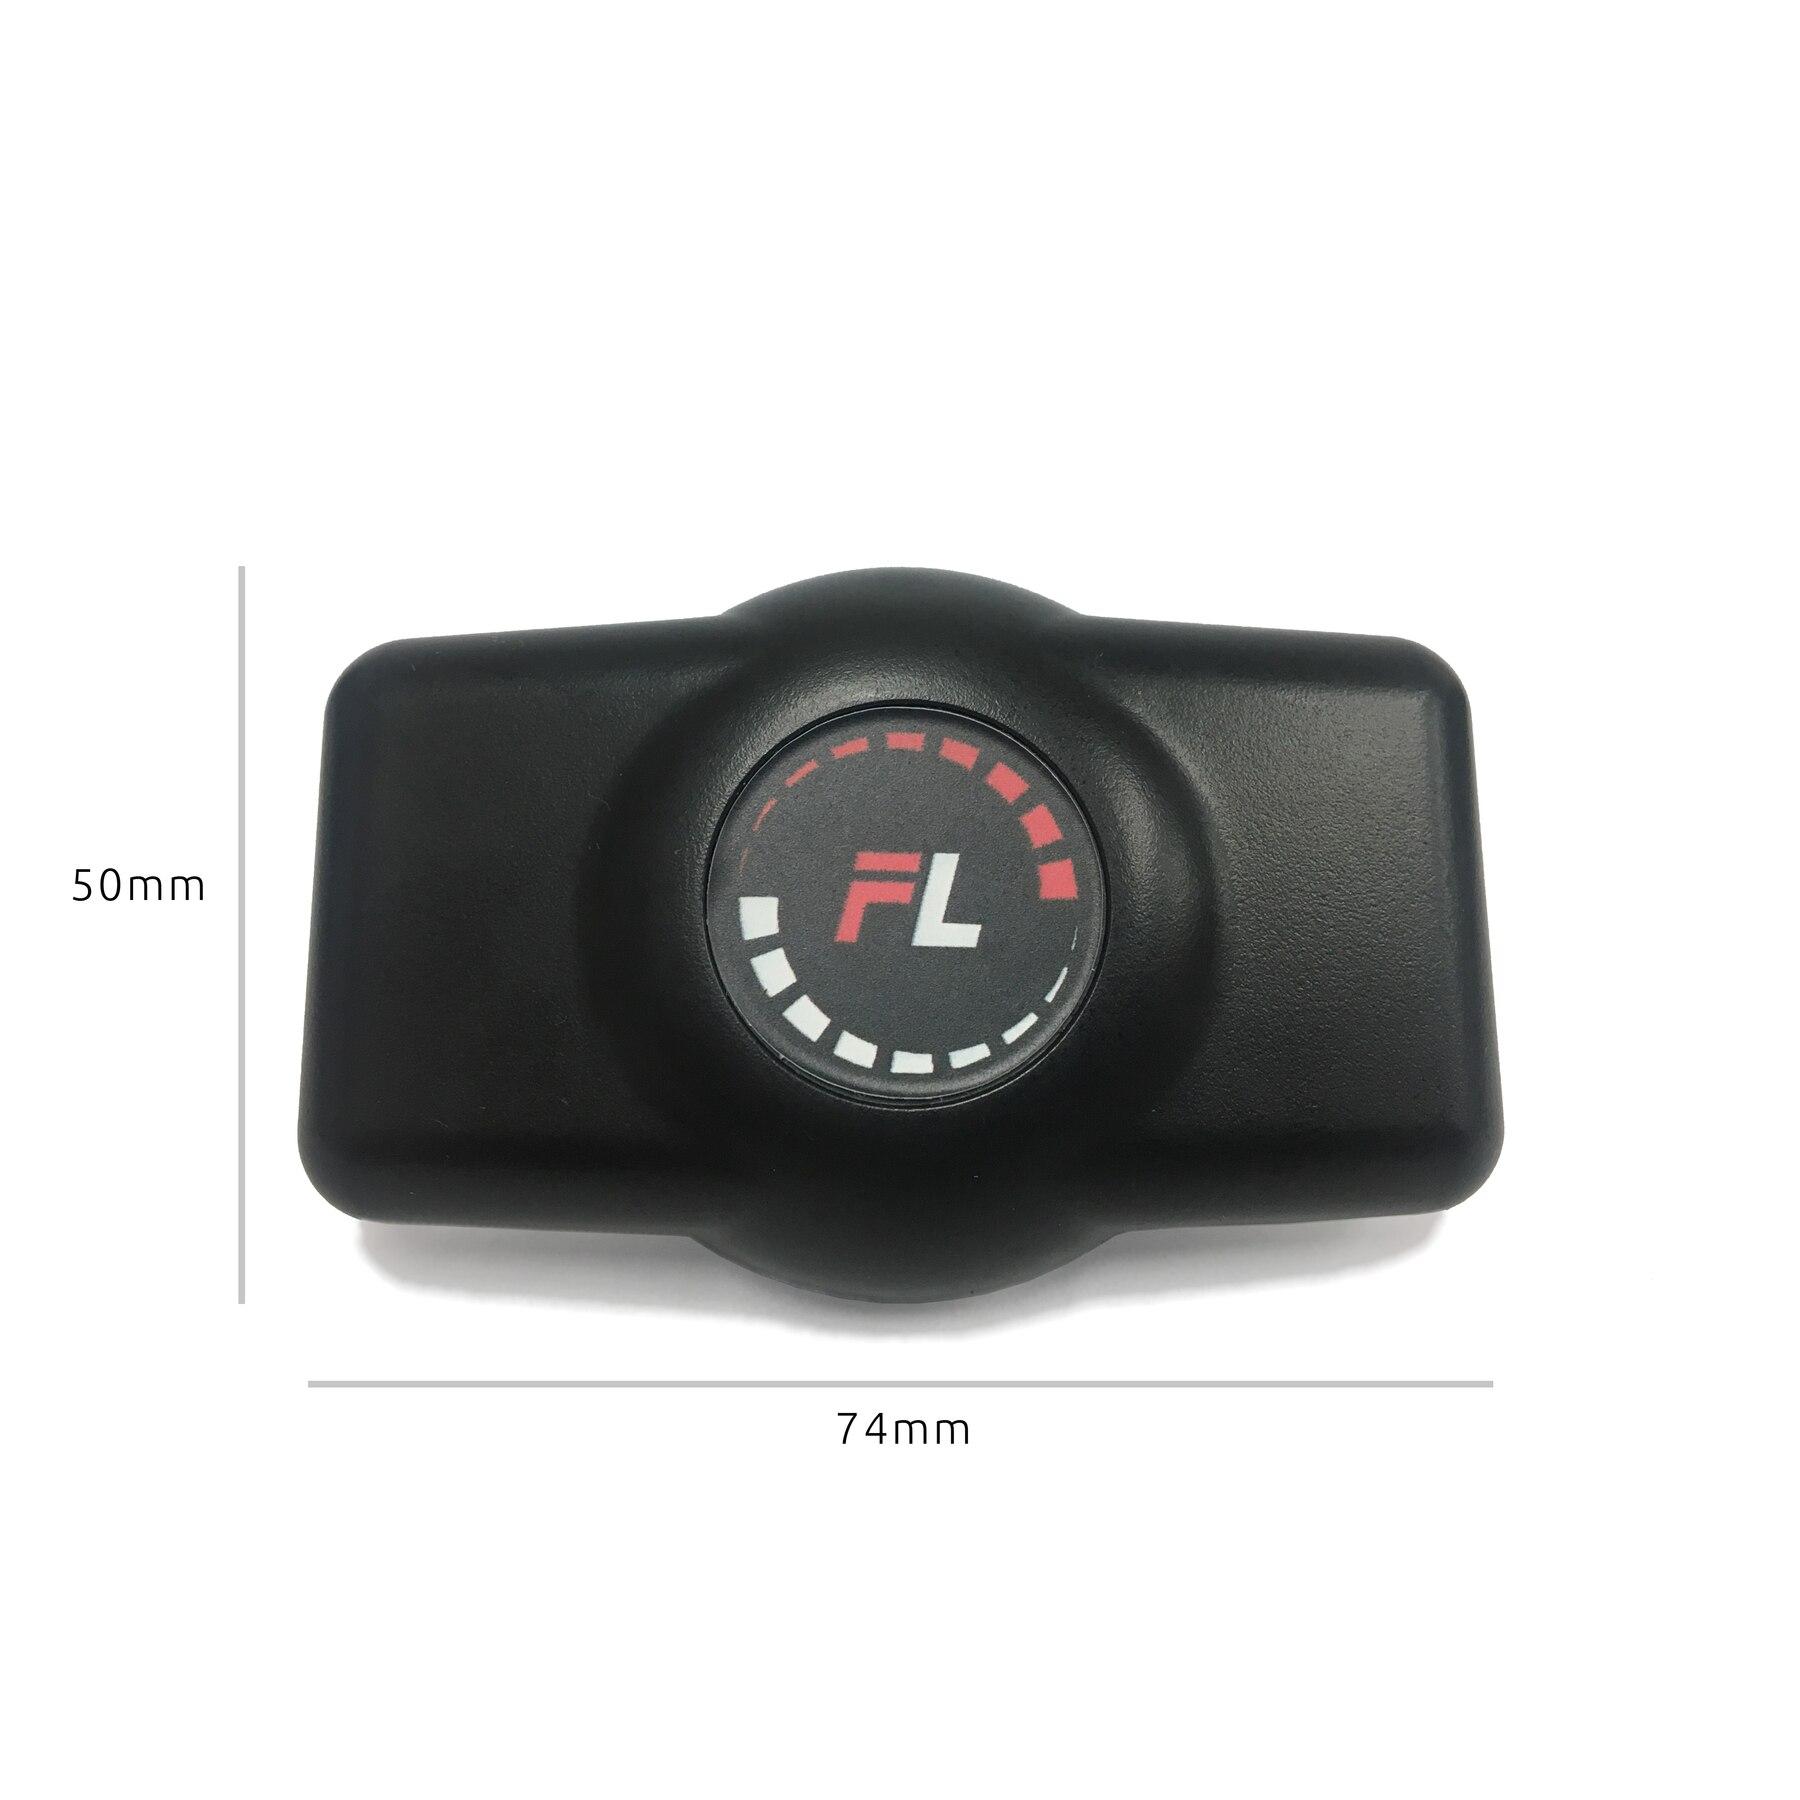 Budget equivalente di Racelogic, Dragy-Freelogic, 10 Hz GPS, USB di collegamento con smartphone, tablet, PC, computer portatile